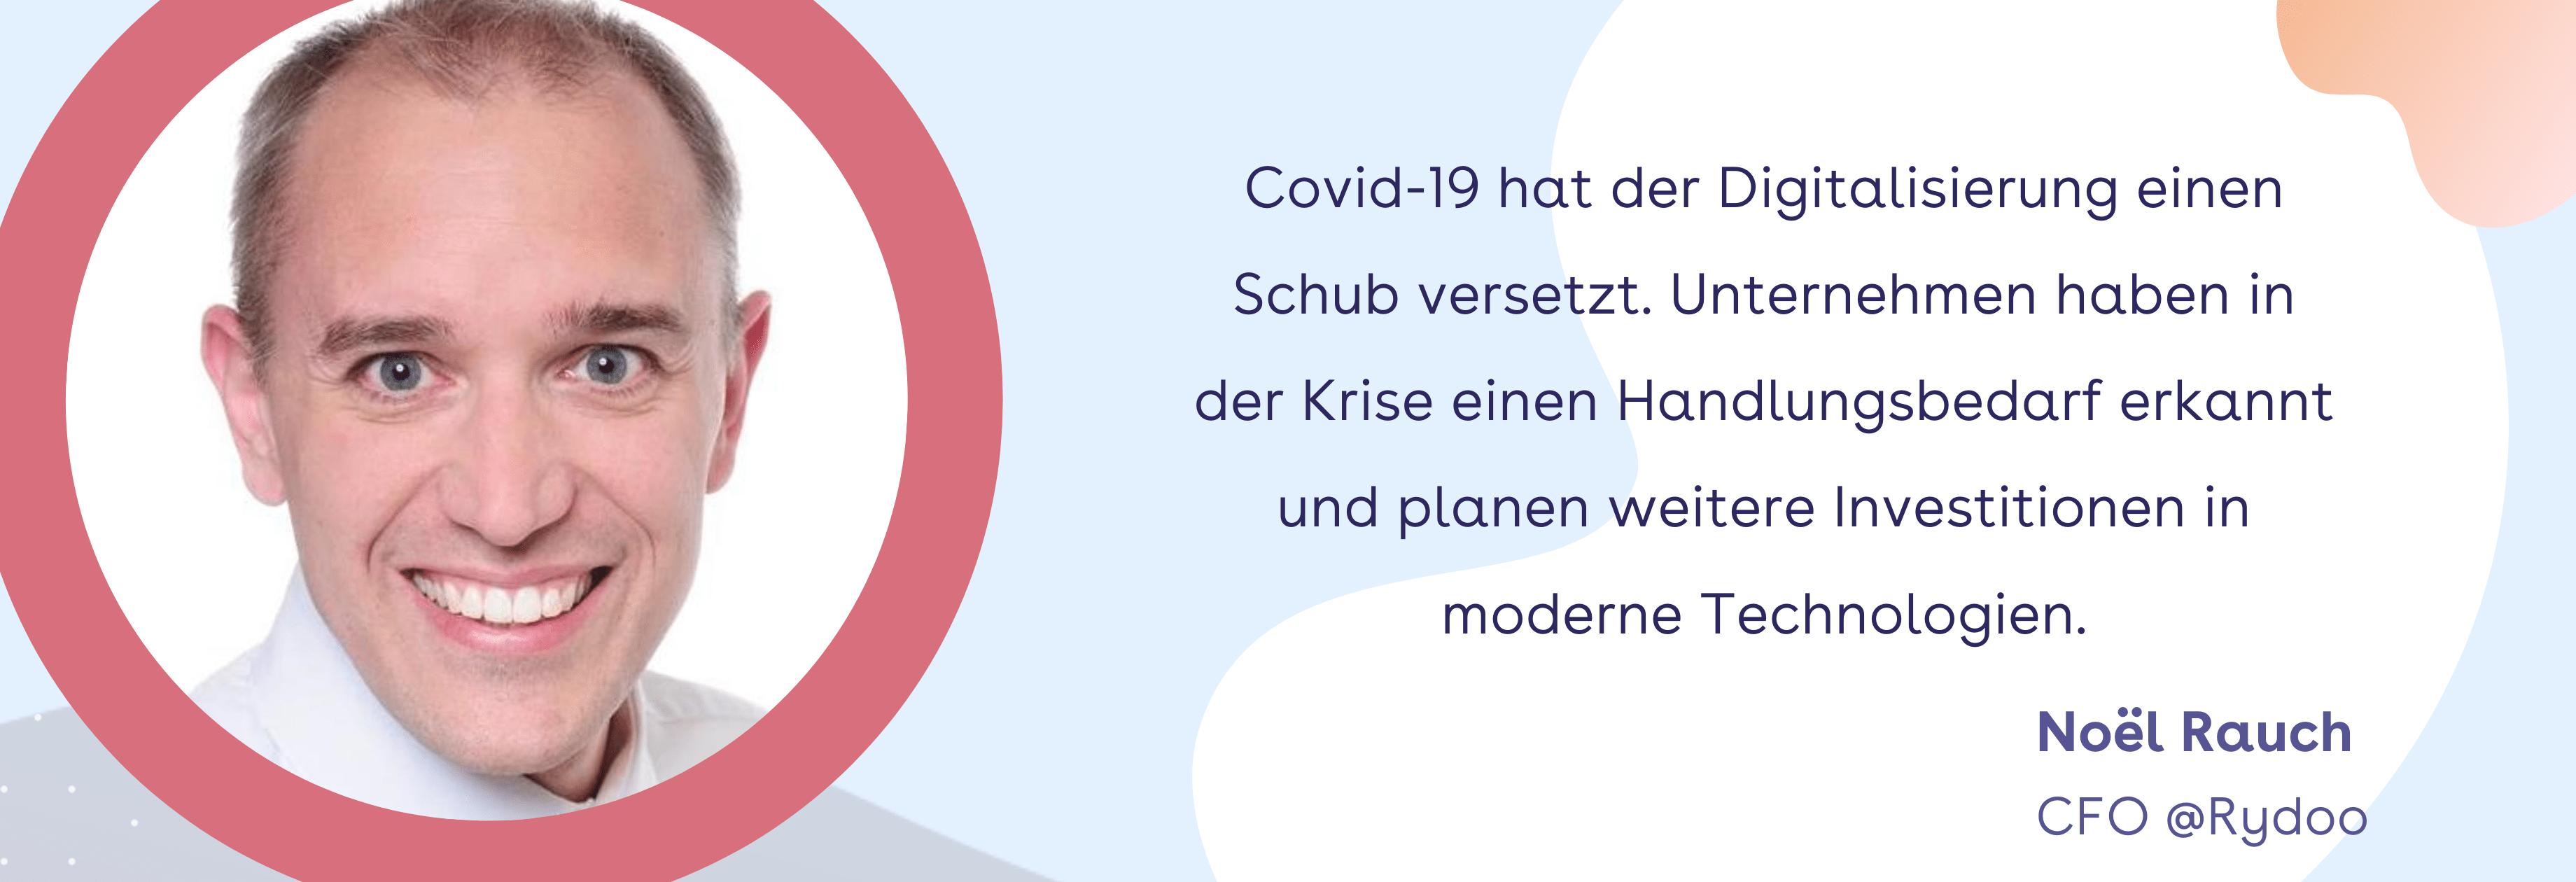 Finanztrends: Covid-19 hat der Digitalisierung einen Schub versetzt. Unternehmen haben in der Krise einen Handlungsbedarf erkannt und planen weitere Investitionen in moderne Technologien.